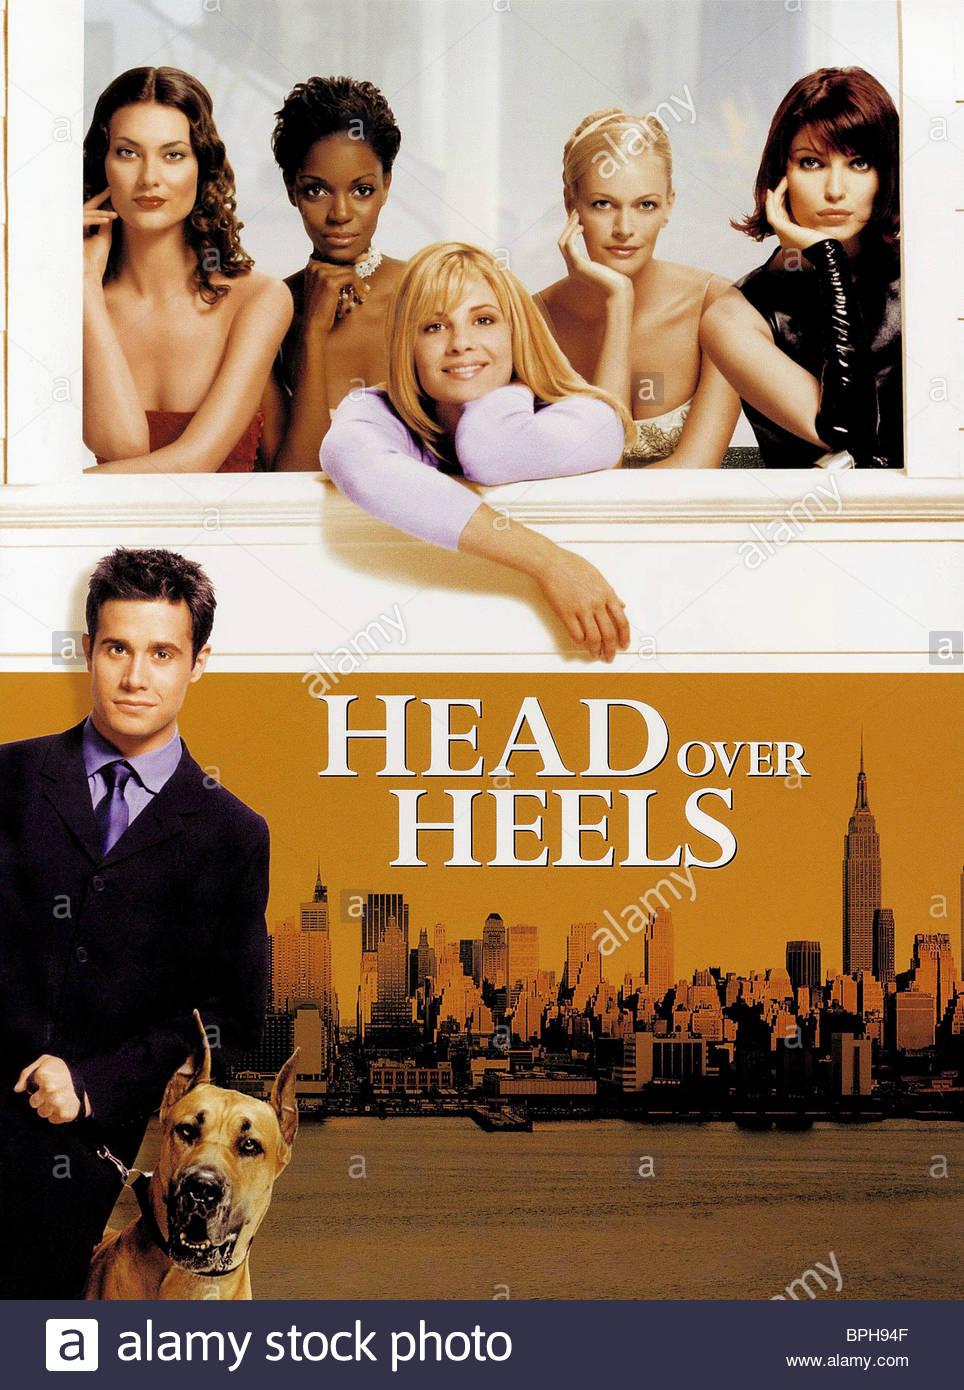 Bez pamięci / Head Over Heels